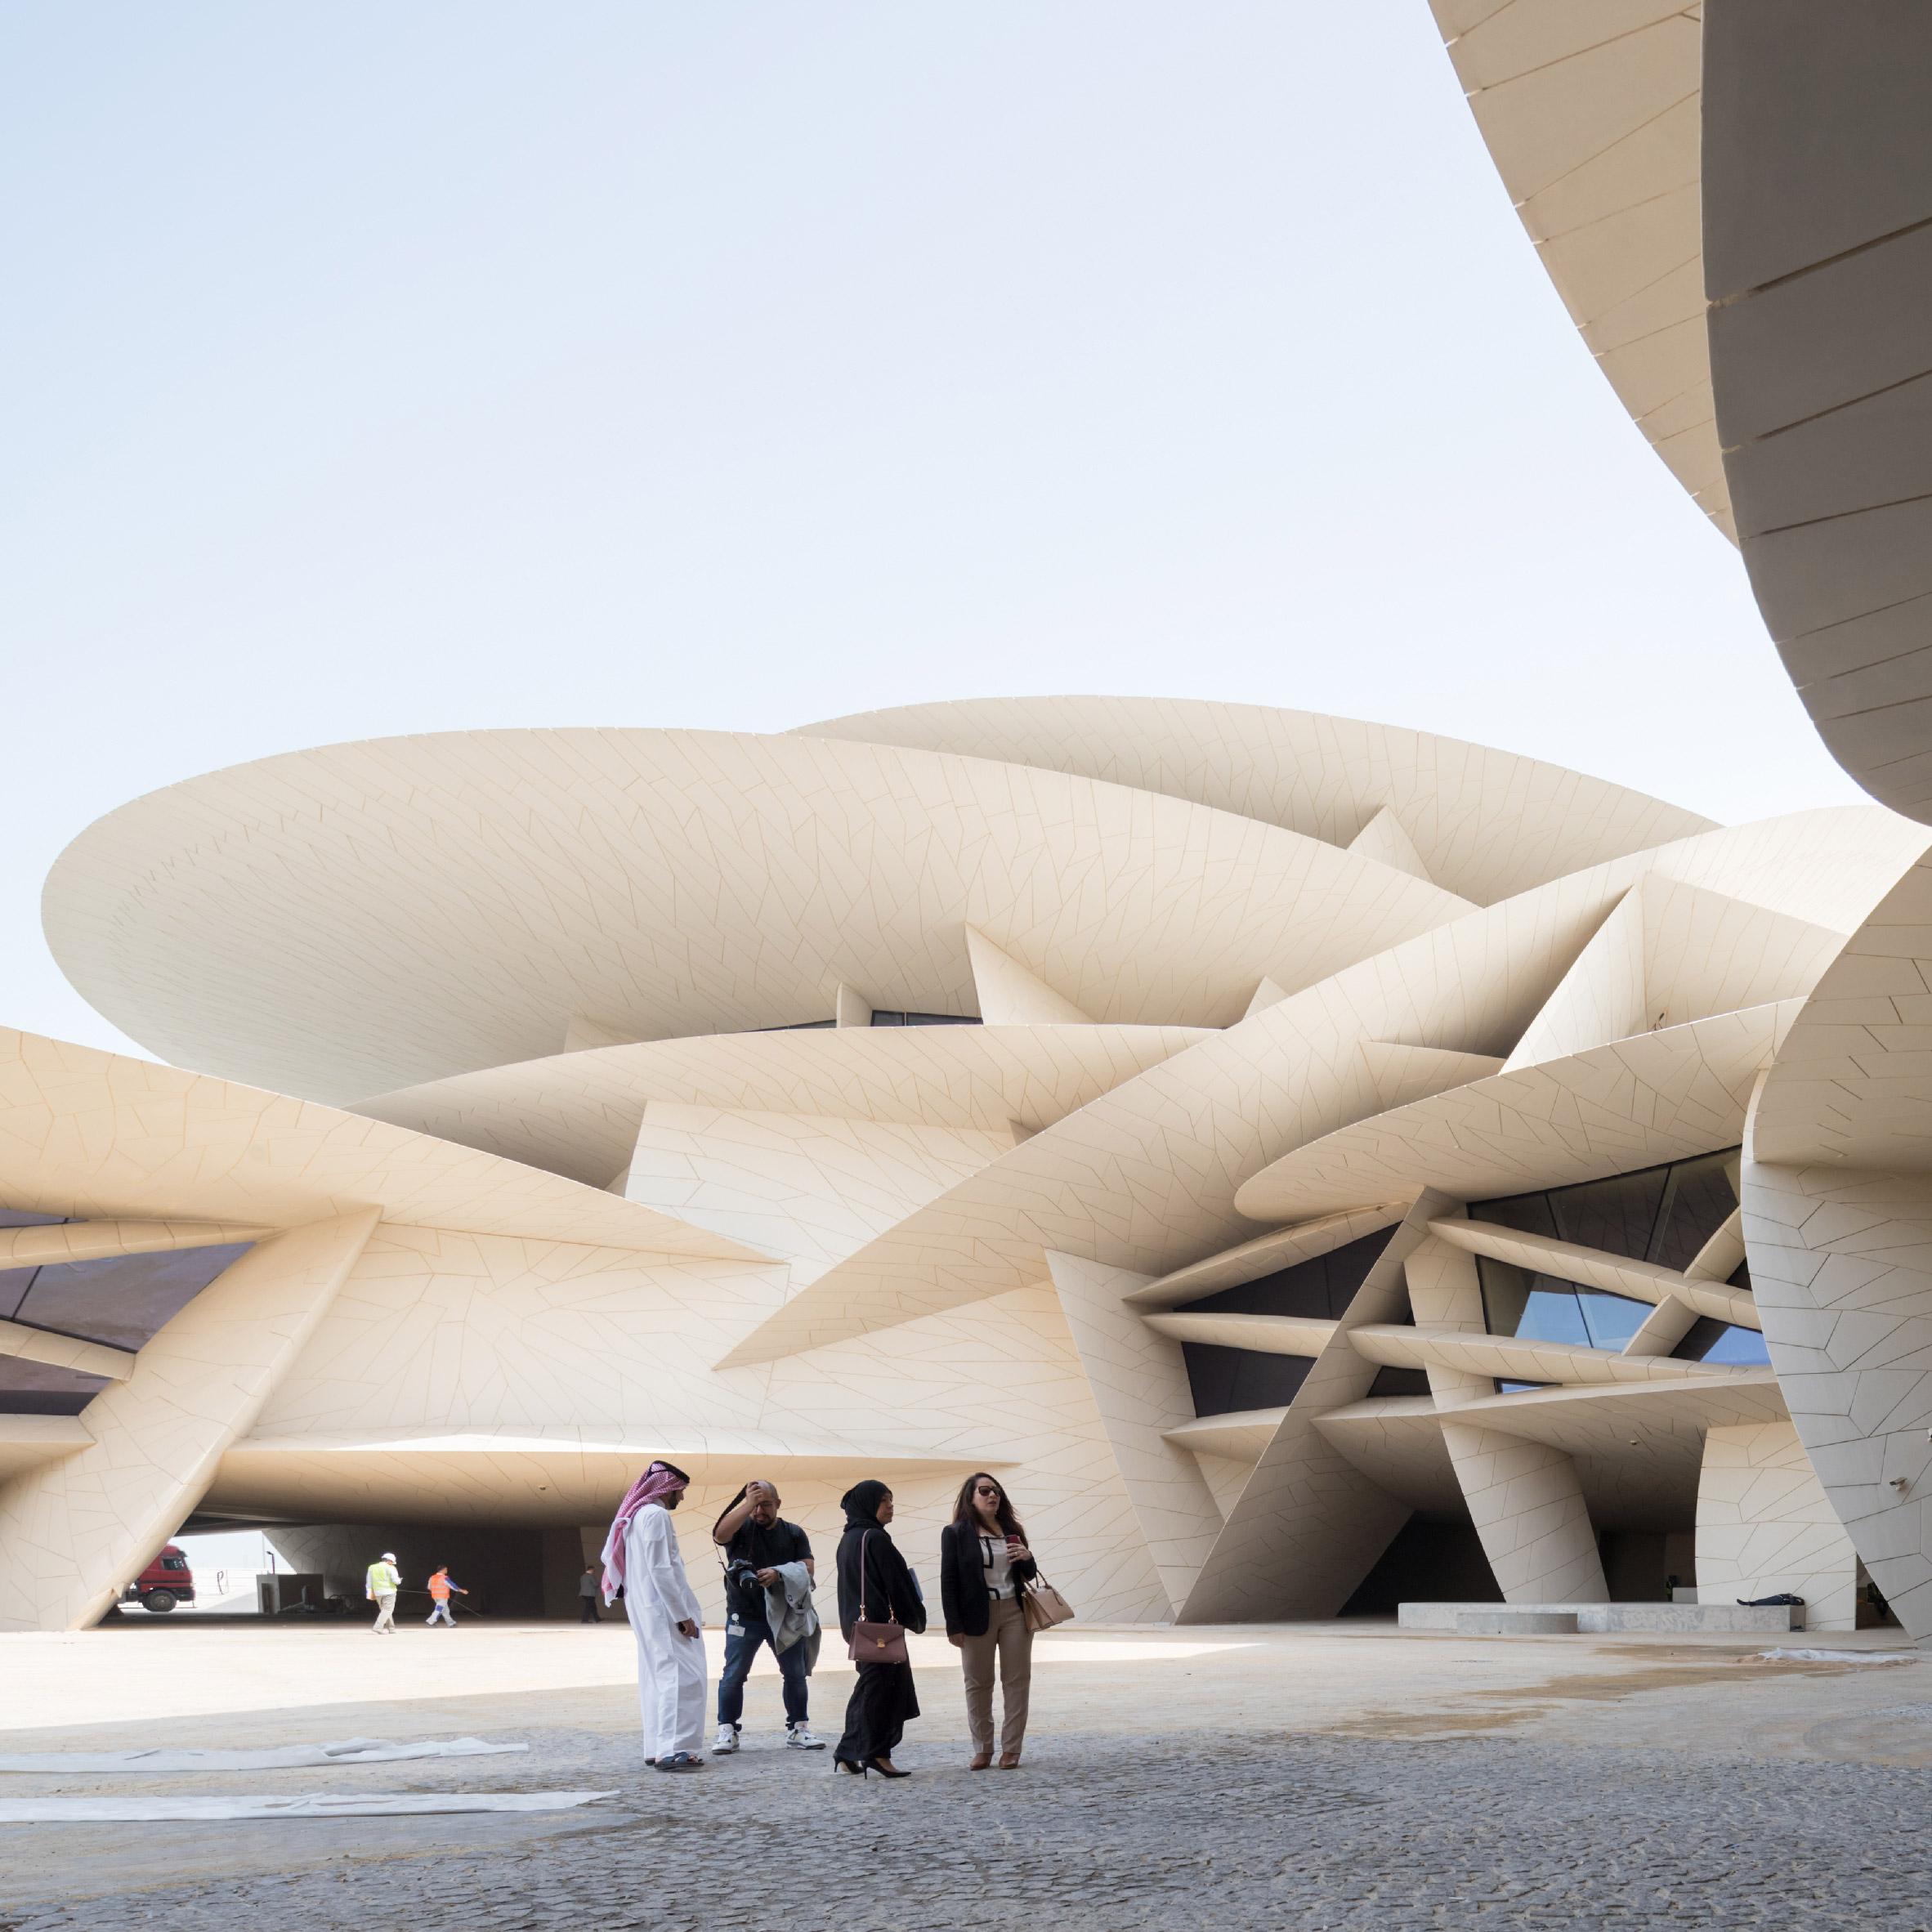 Dezeen's top 10 museums and galleries of 2019